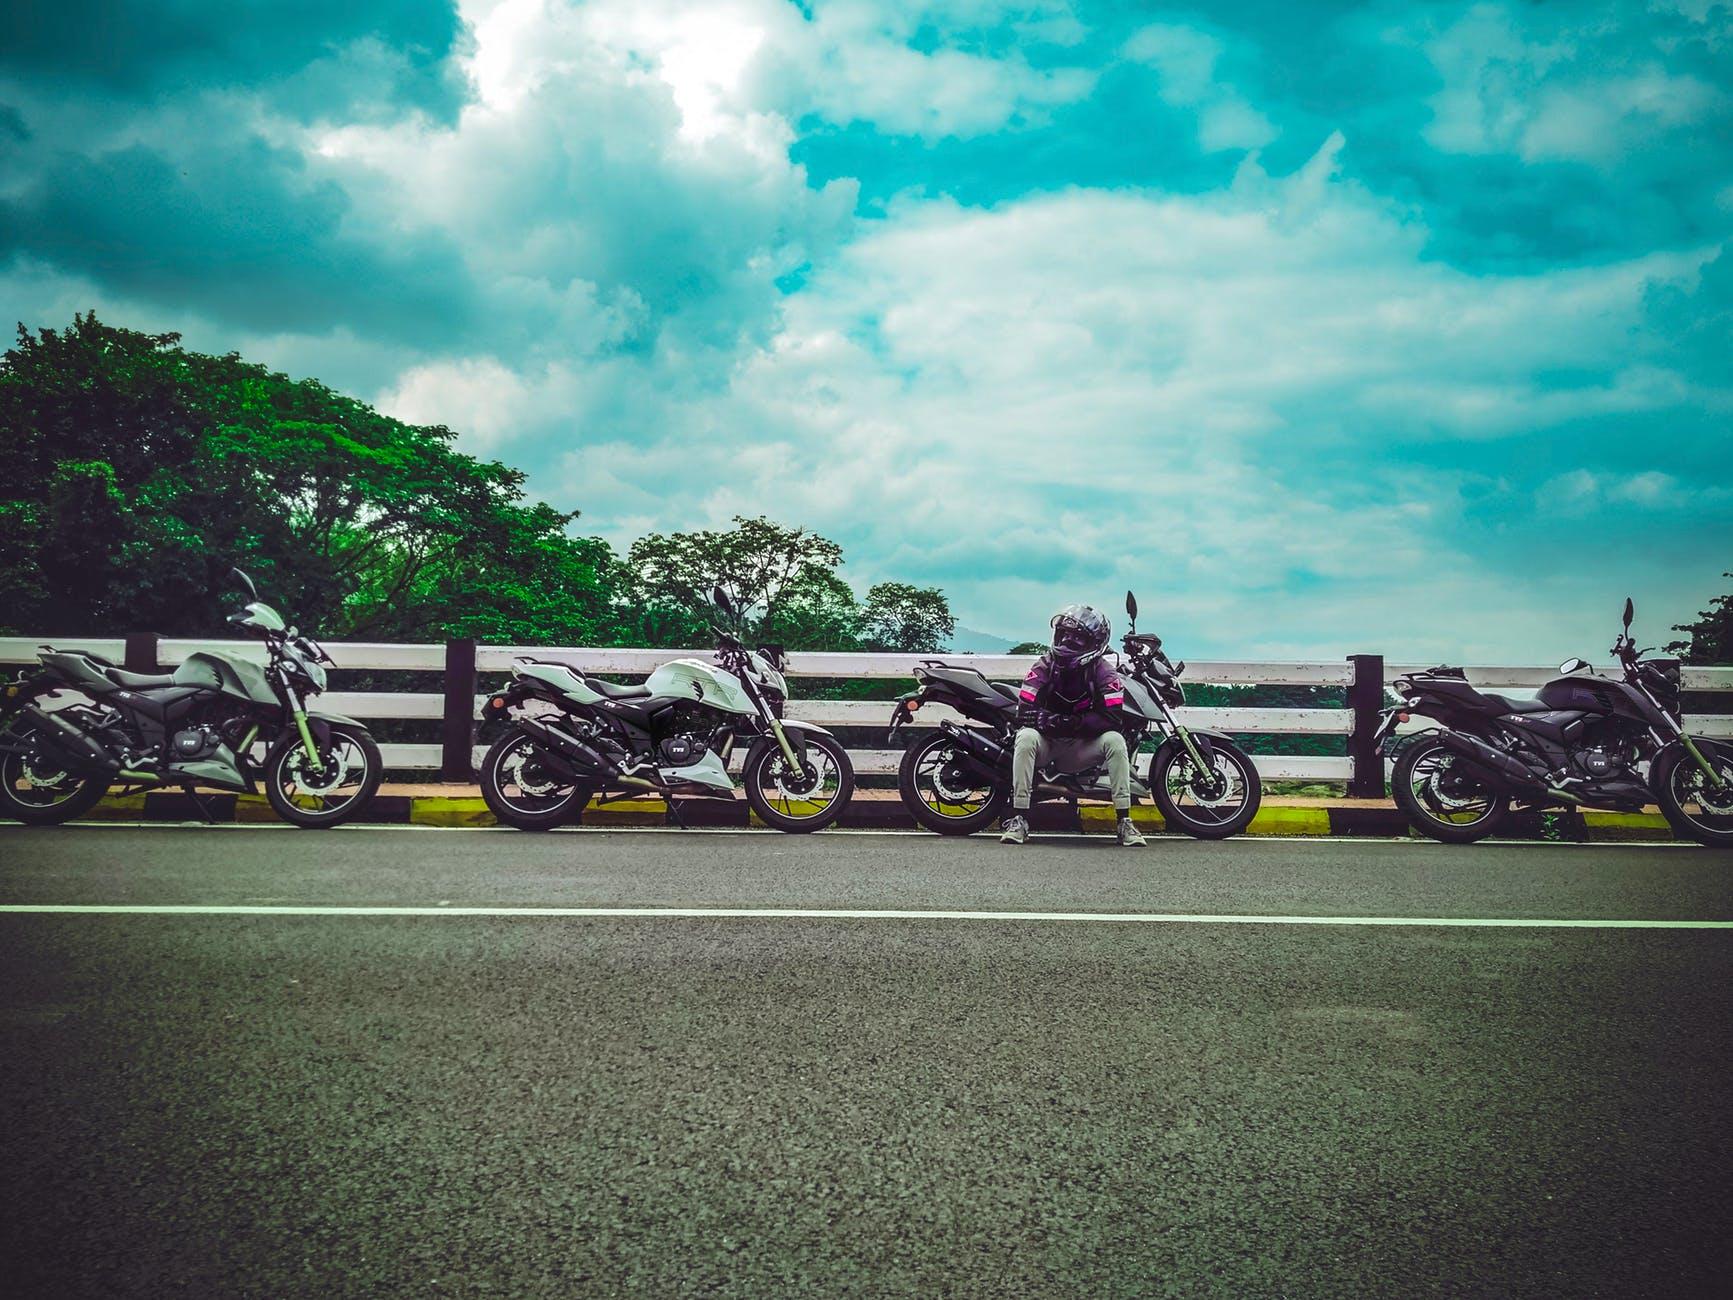 Motorcycles On Road_1553184871252.jpg.jpg